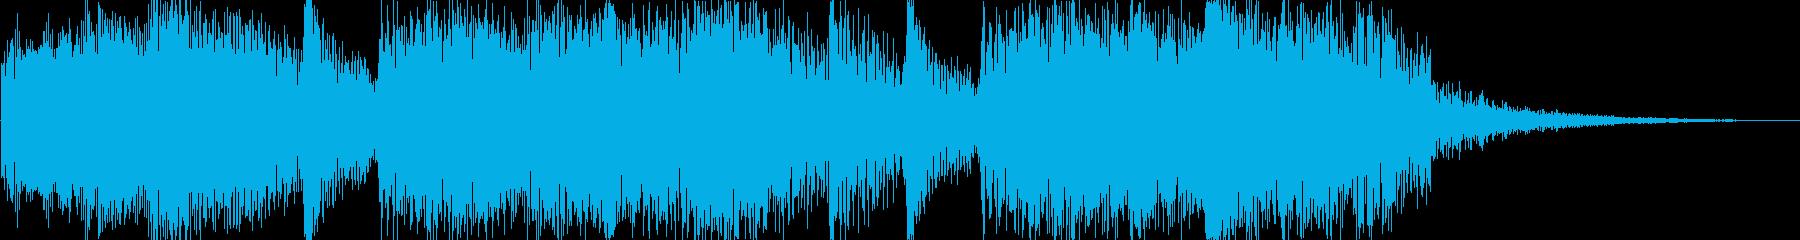 軽快で華やかなジングル 5秒verの再生済みの波形